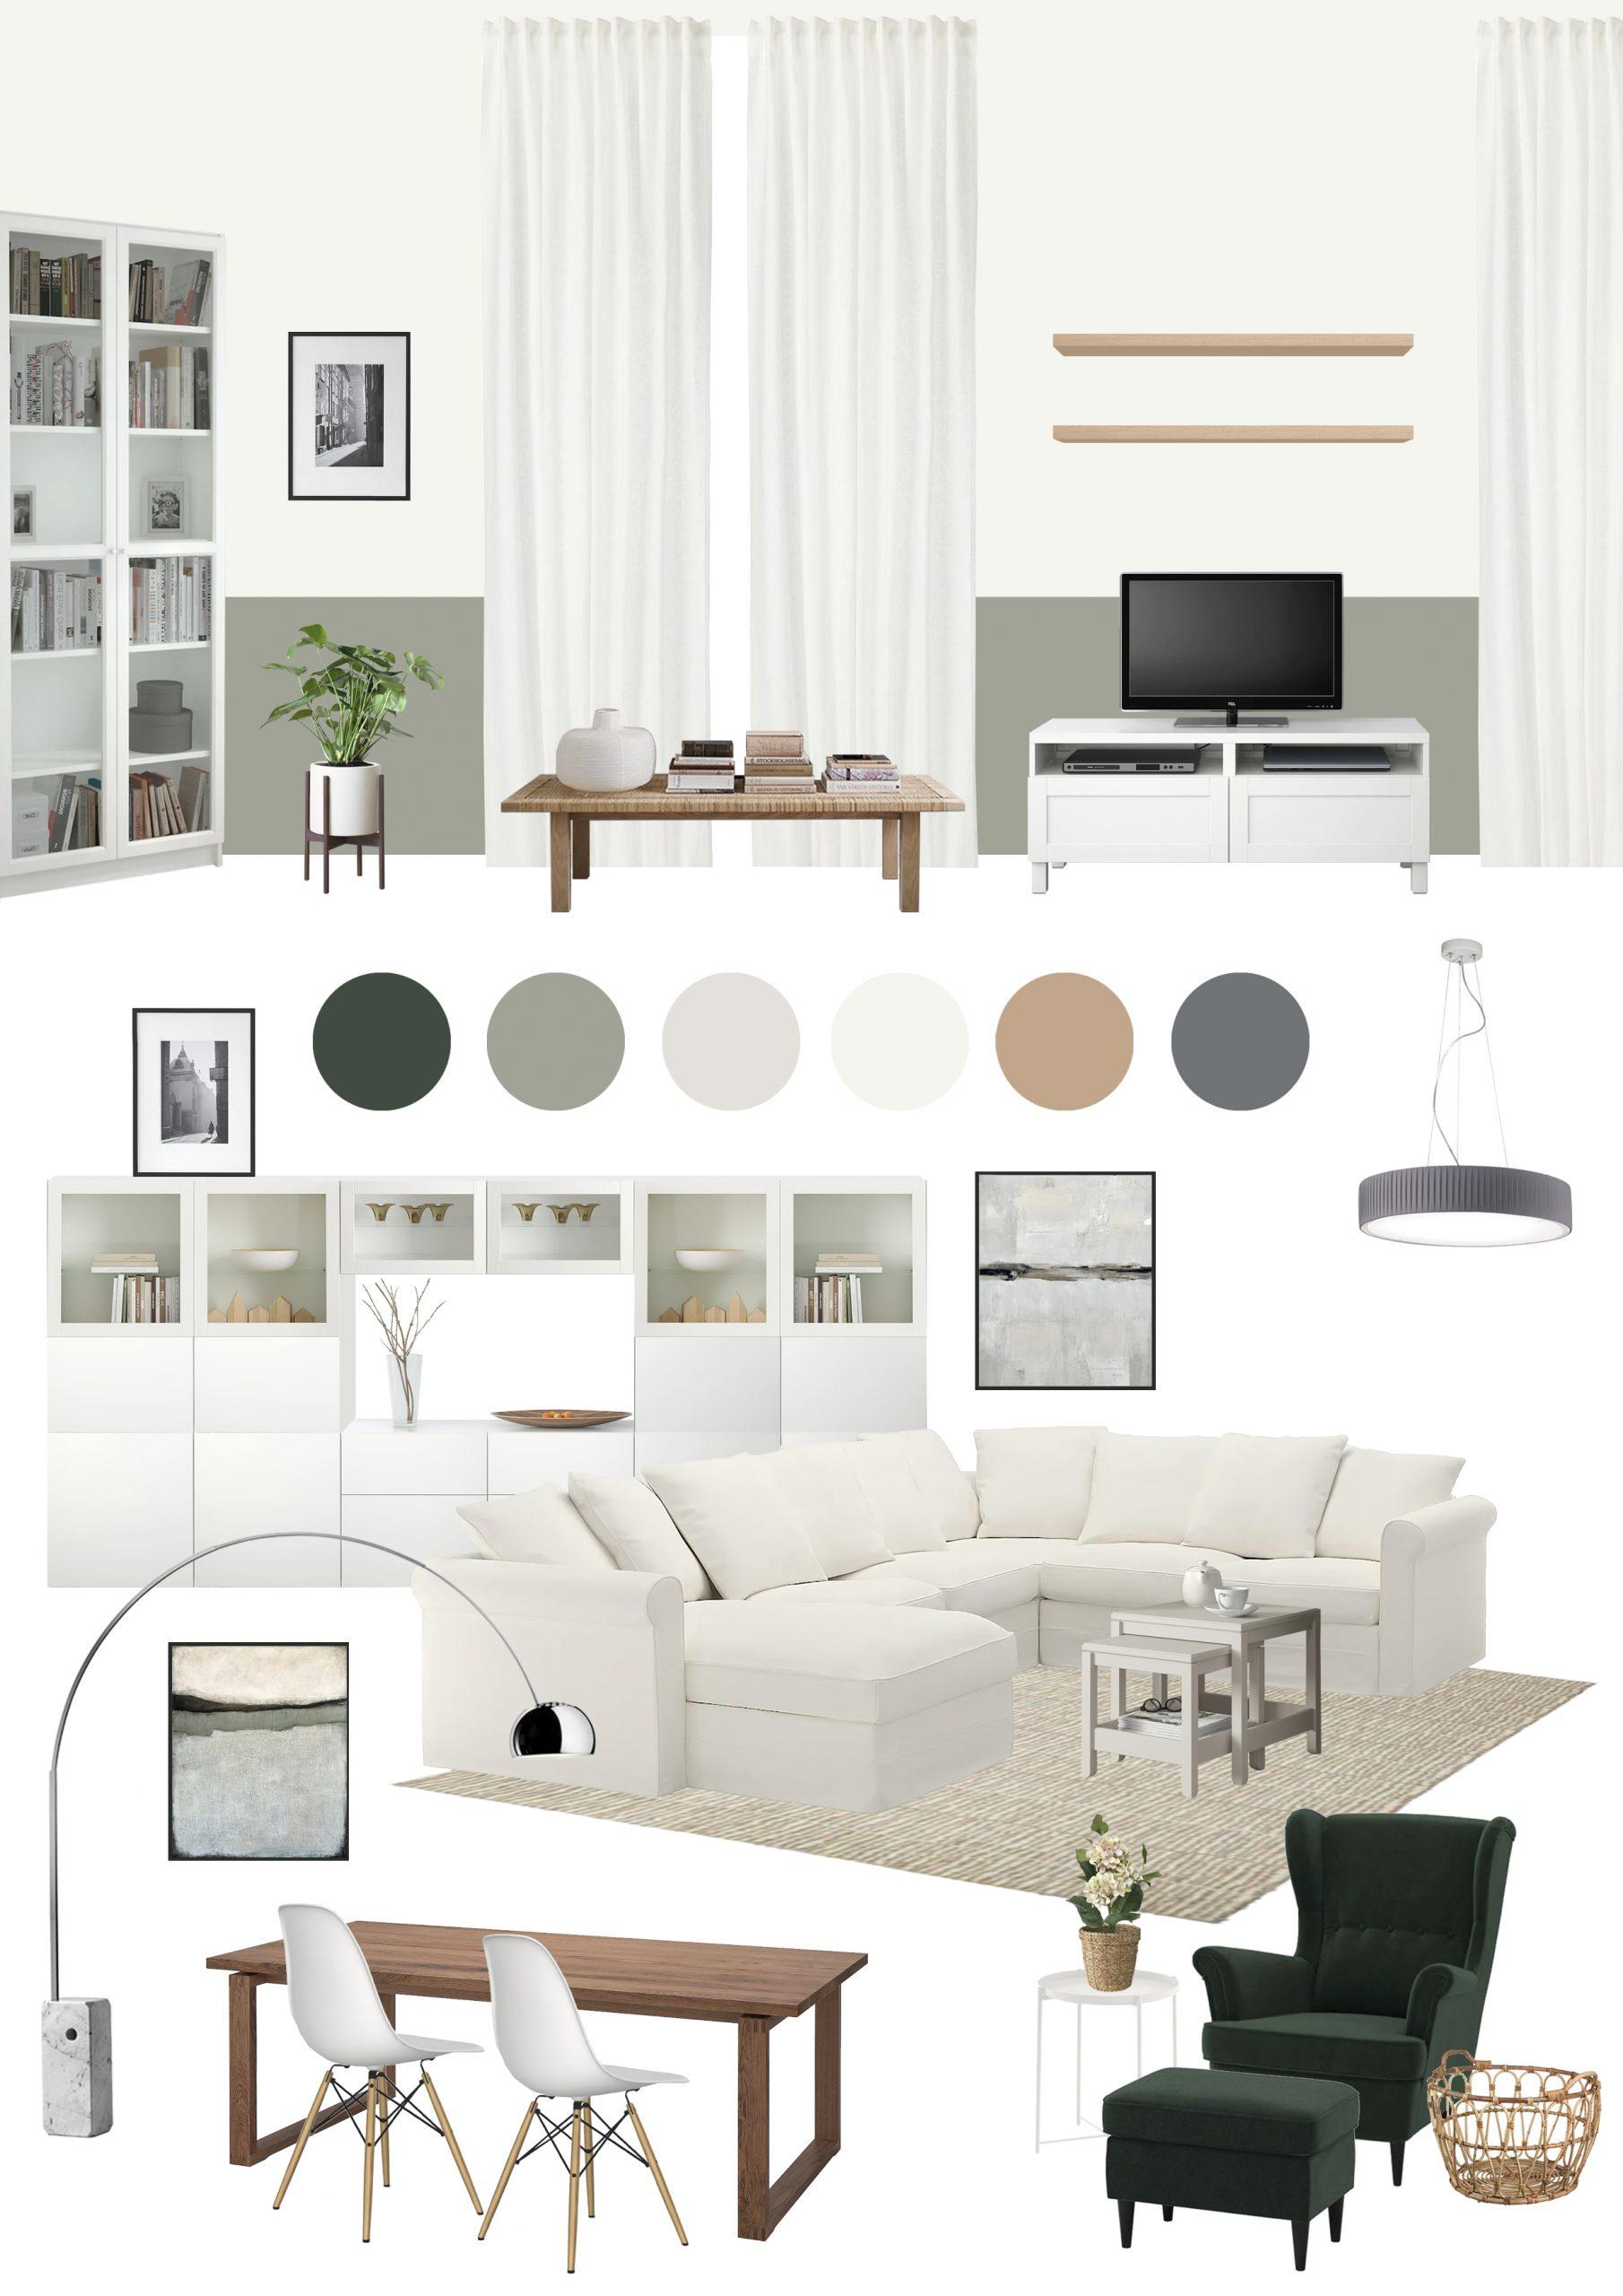 Appartamento in Cernusco sul Naviglio - soggiorno - moodboard